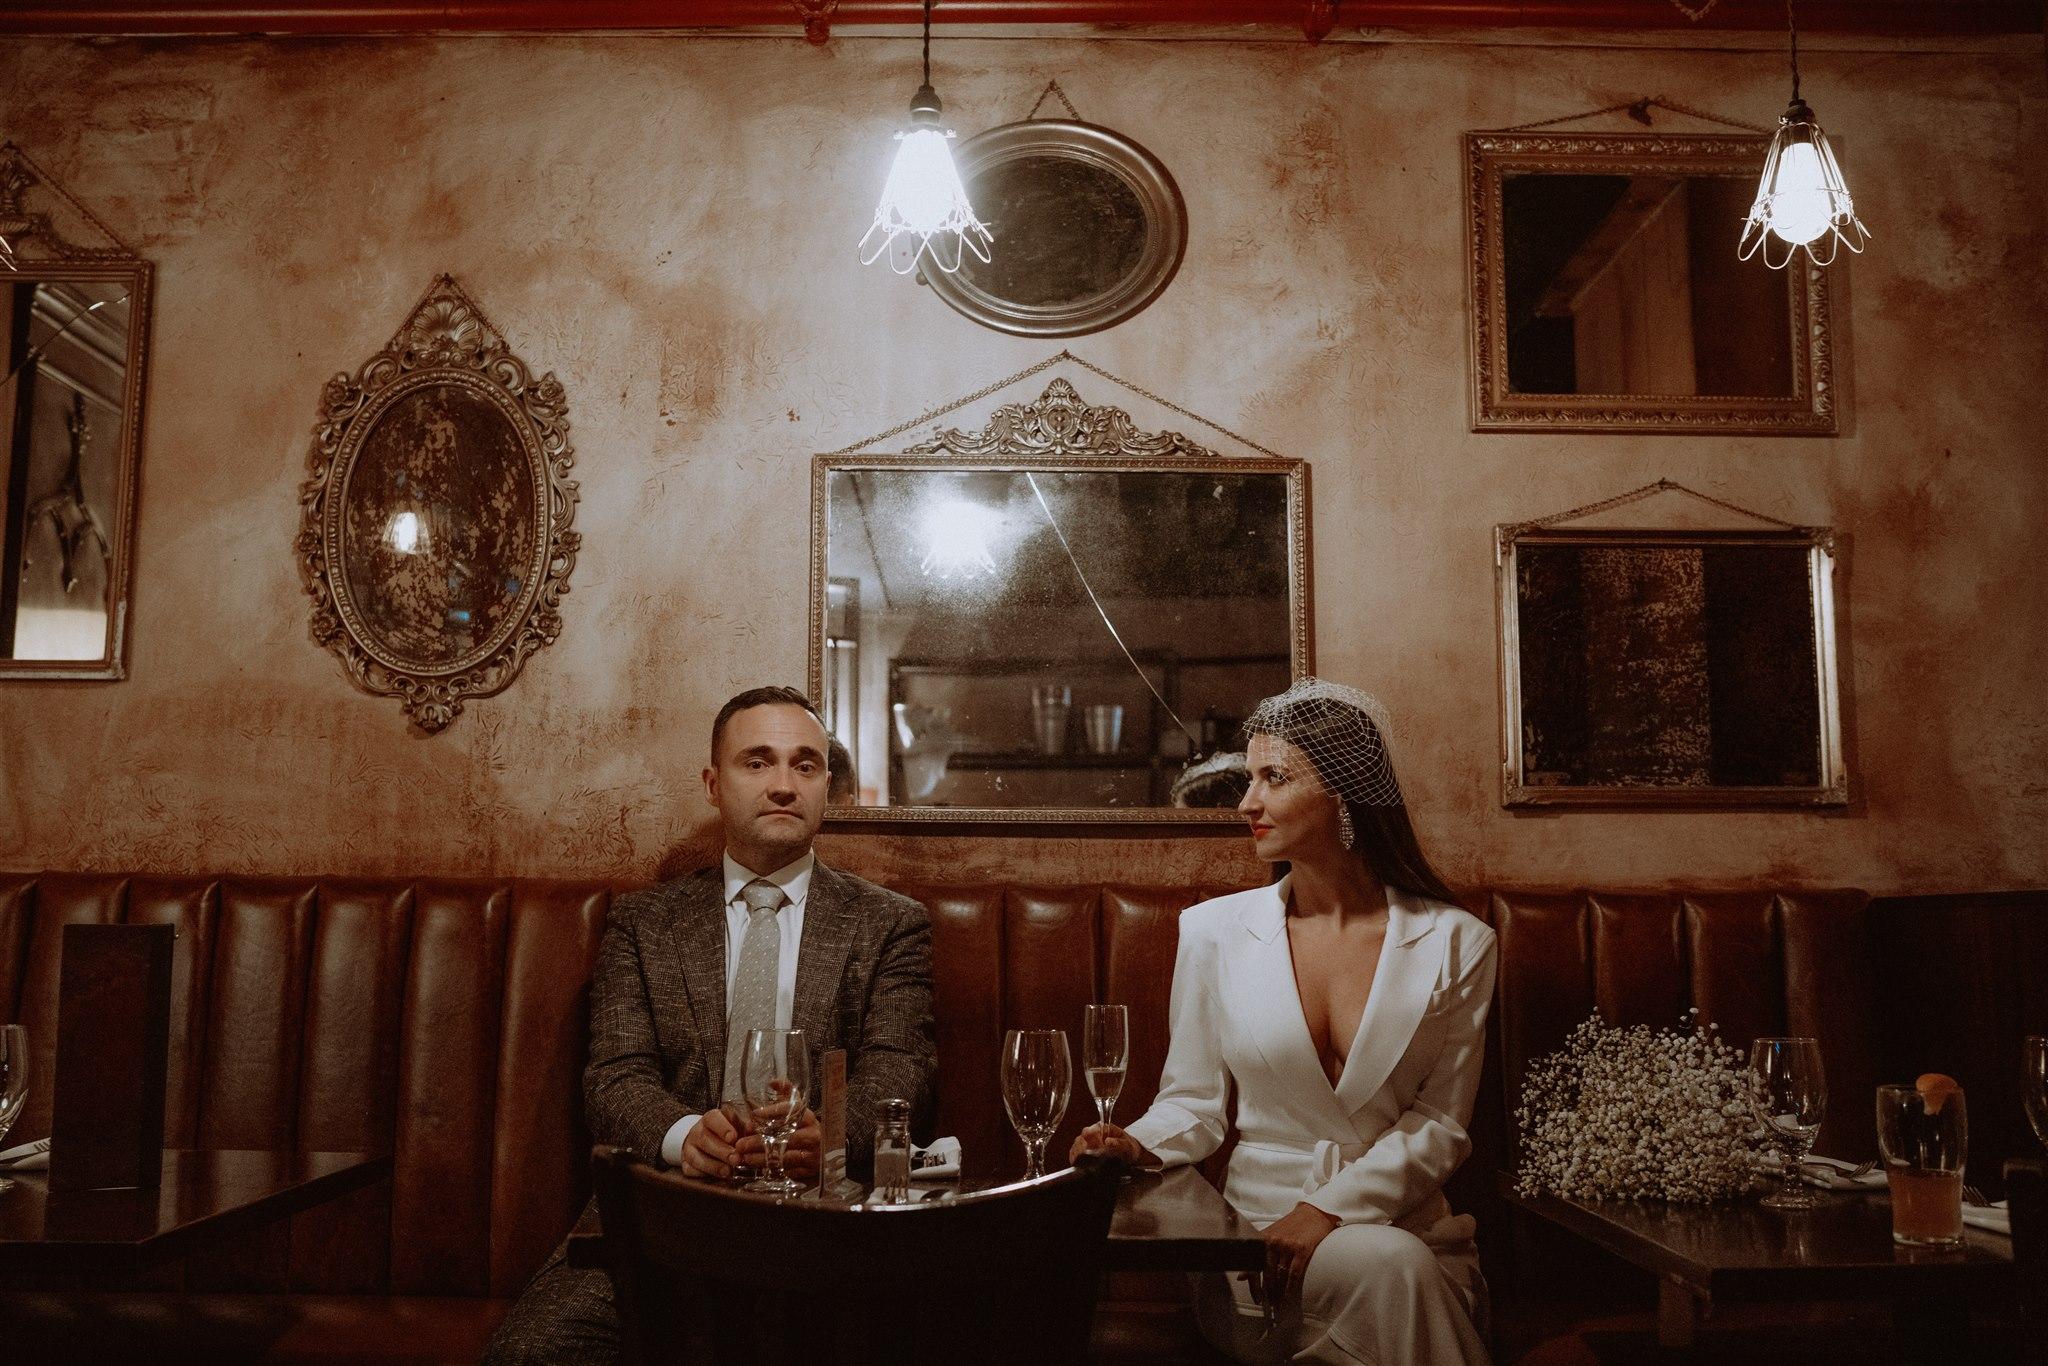 Chellise_Michael_Photography_Ramona_Brooklyn_Wedding_Photographer-201.jpg